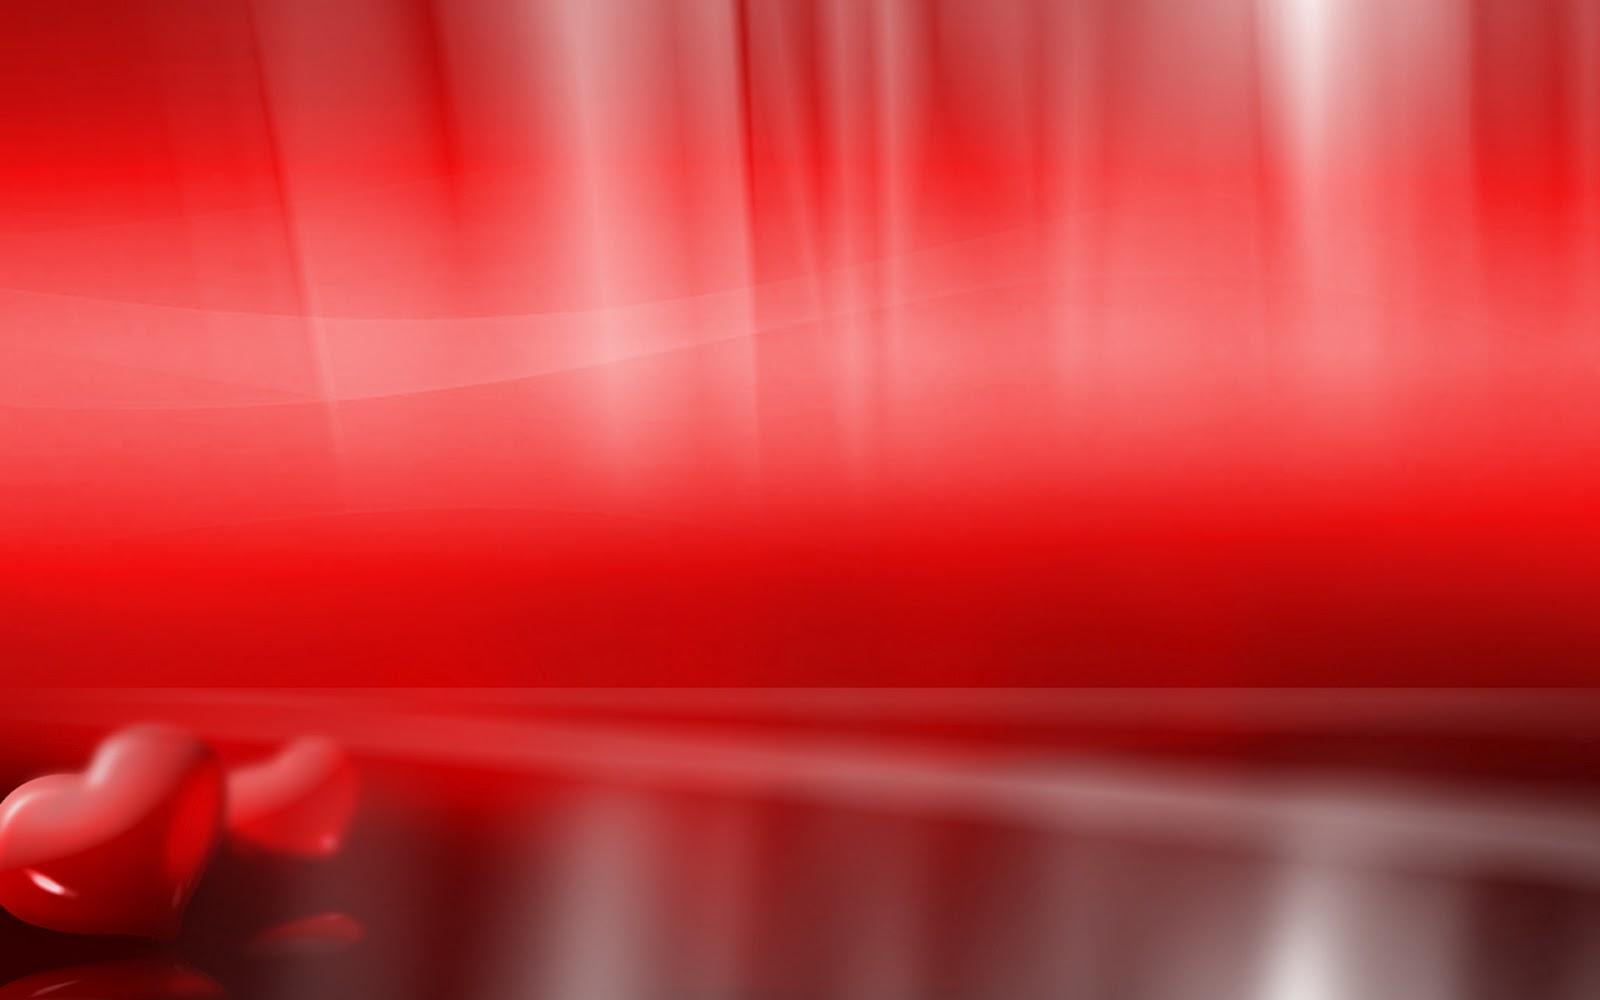 http://3.bp.blogspot.com/-gv4NT9okB-w/T03Zgb2qfGI/AAAAAAAAA8M/diAdpvJcoYI/s1600/Animated%20Love%20symbol%20HD%20wallpaper.jpg